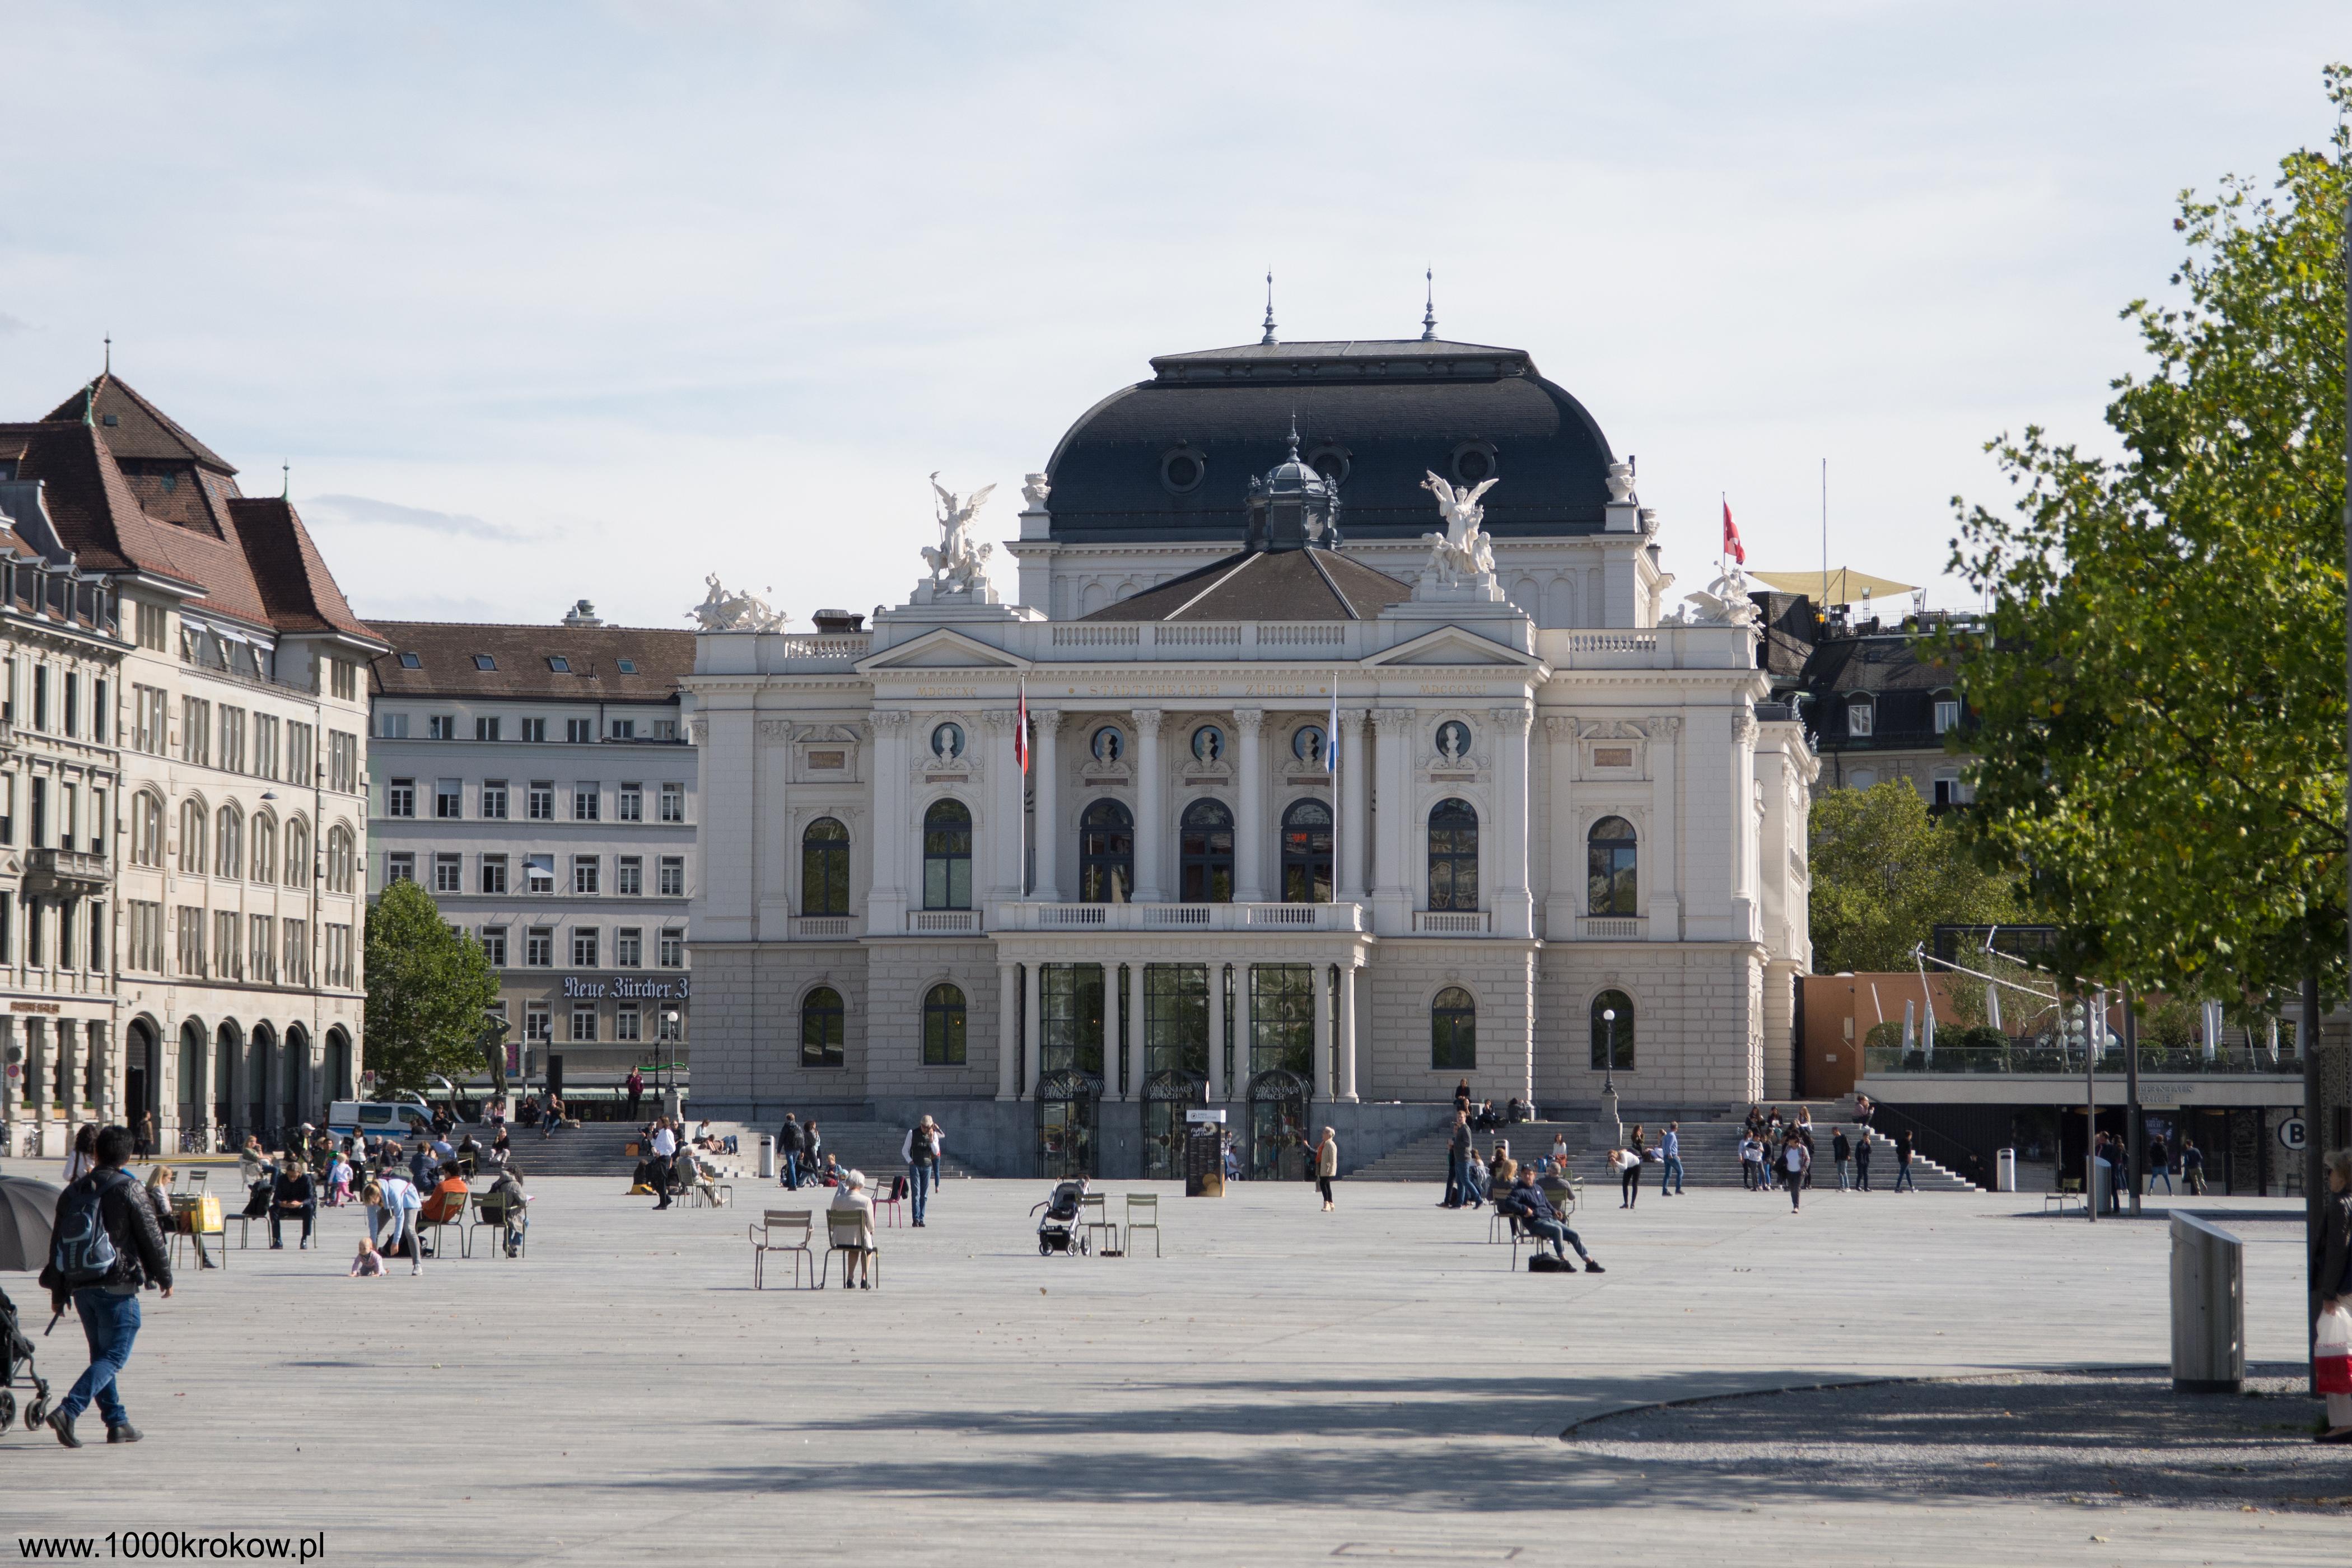 Zurych opera